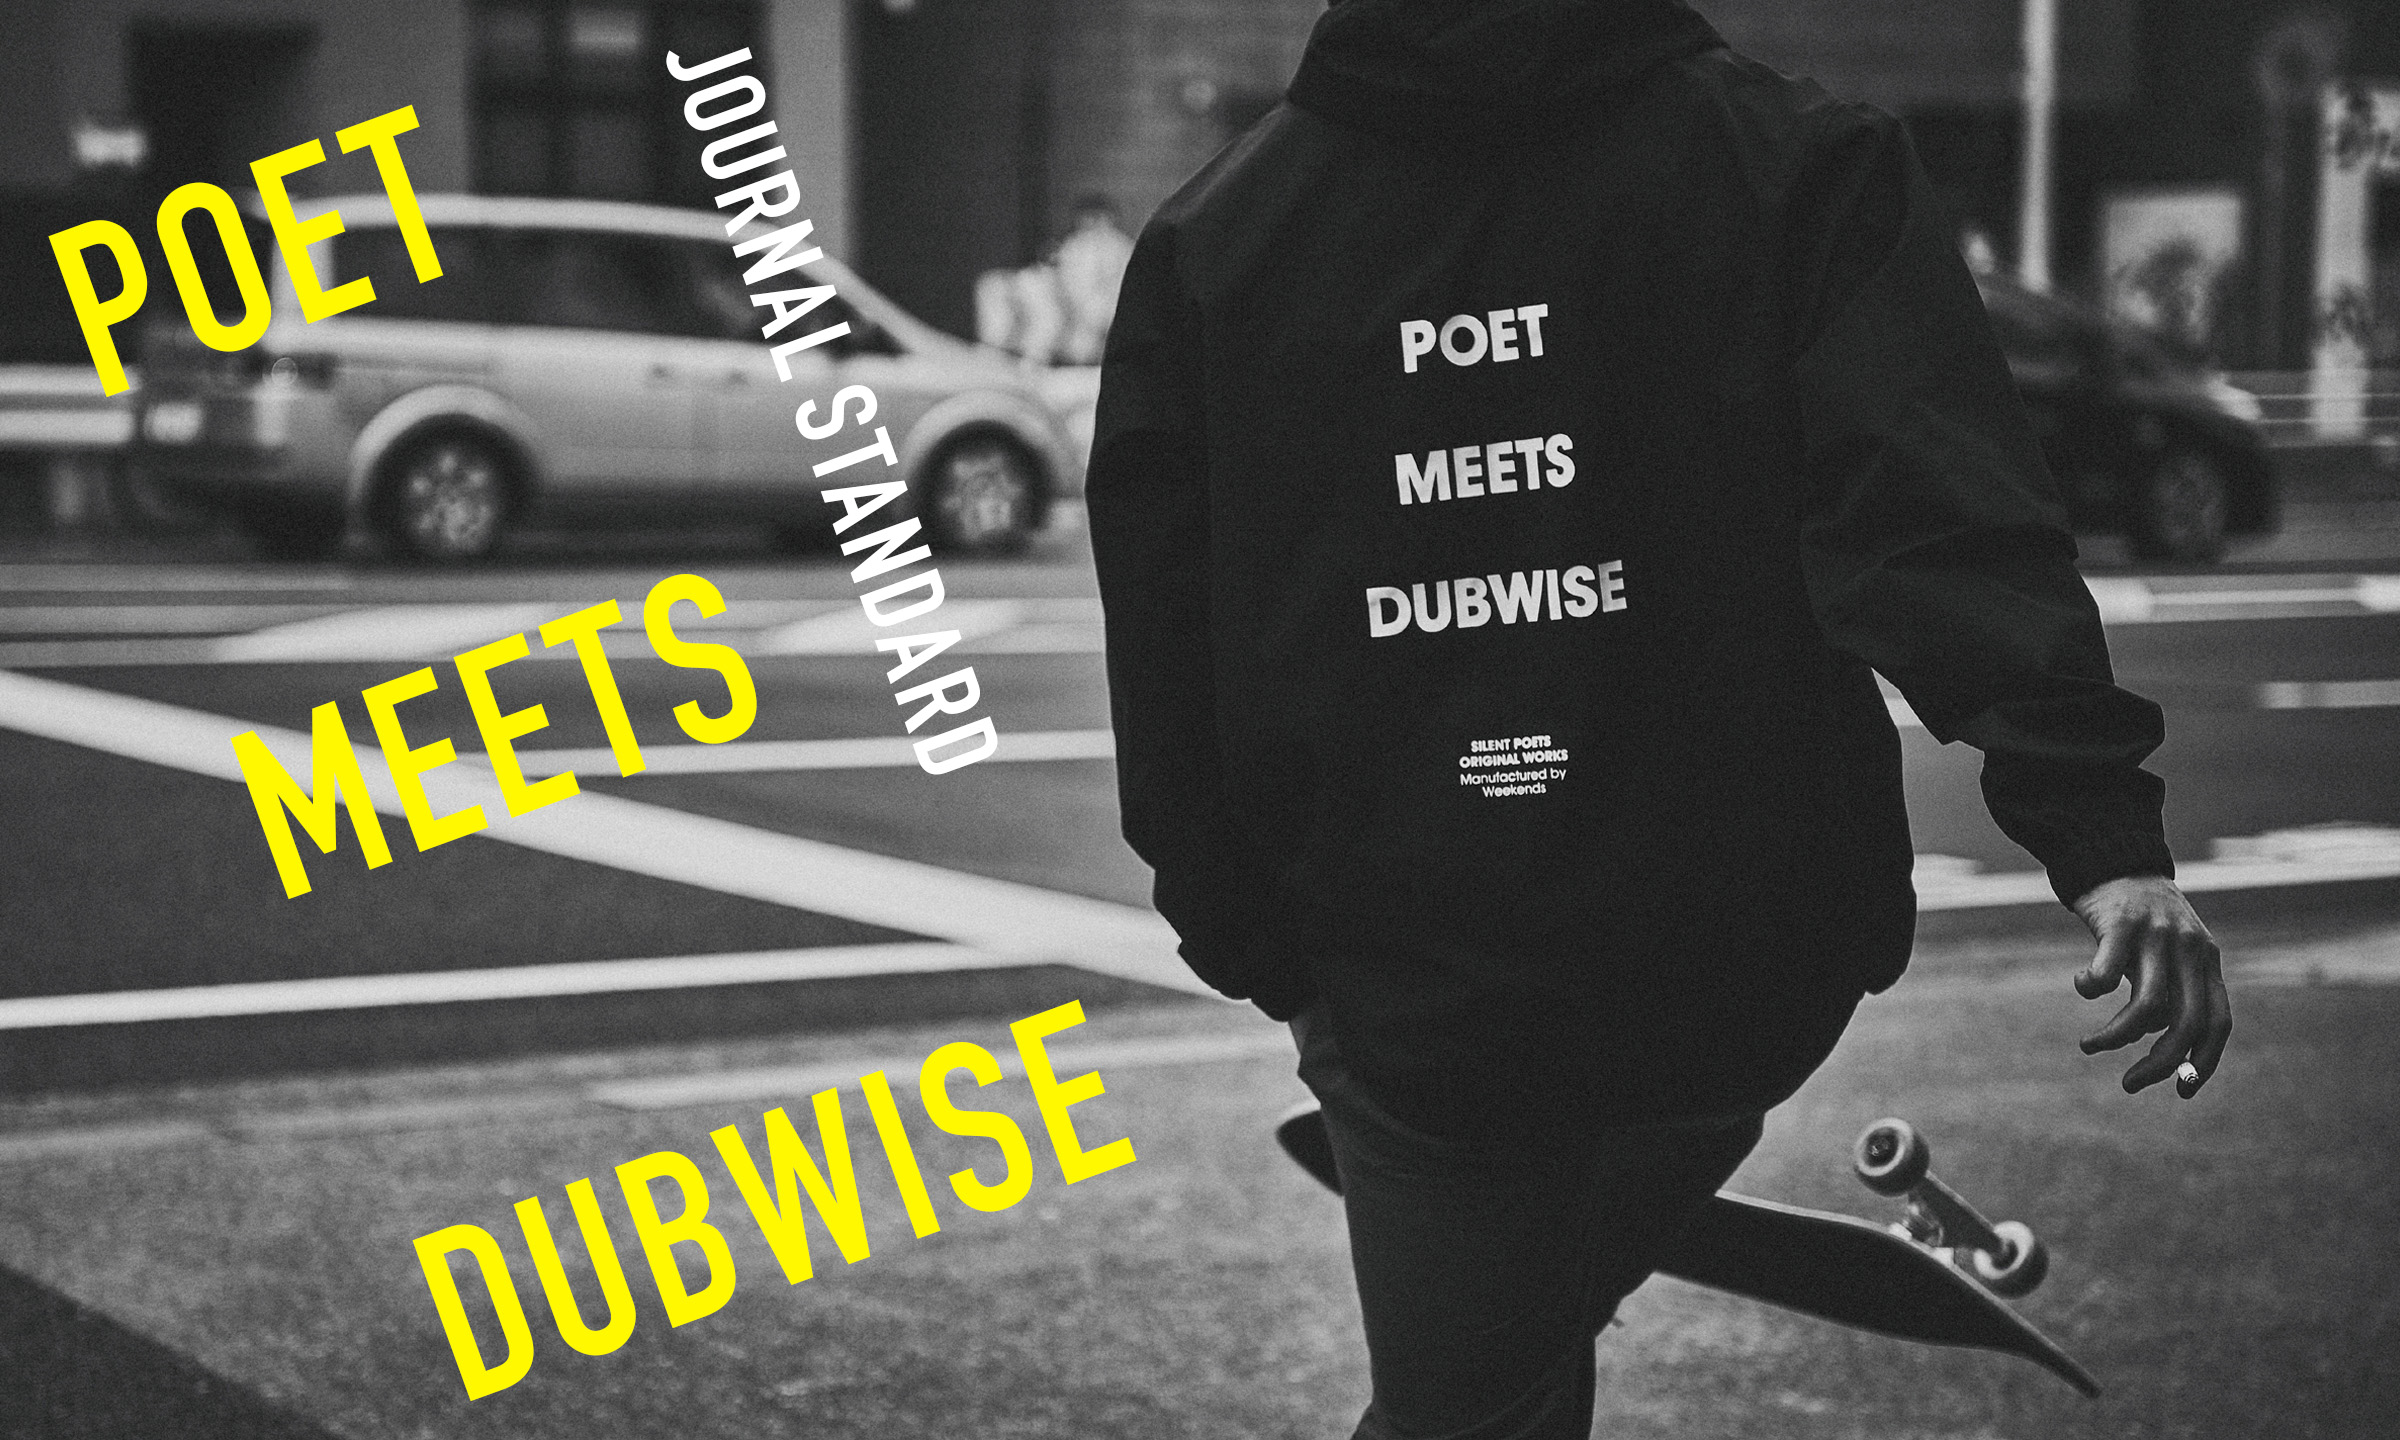 圧倒的なサウンドスケープを描くパイオニアがアパレルを発表! 「SILENT POETS」-POET MEETS DUBWISE-